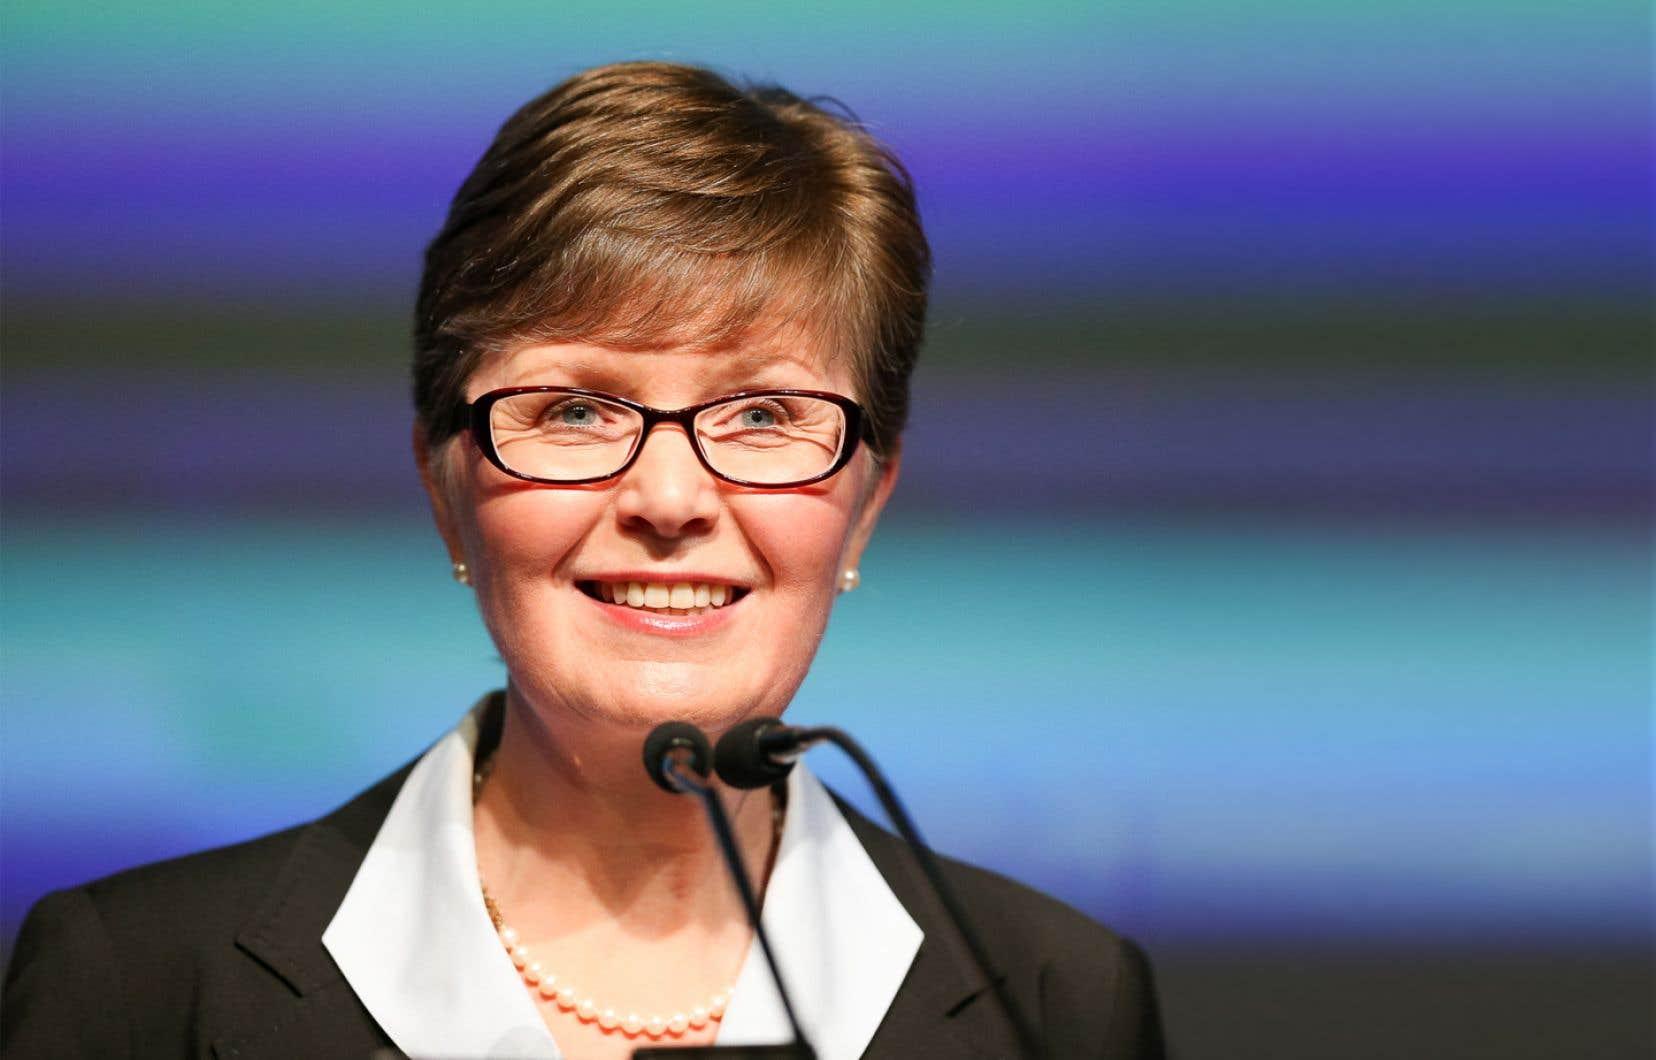 Linda Carona été désignée nouvelle présidente par les membres de la direction du Parti libéral du Québec, mardi dernier, afin de succéder à Antoine Atallah.